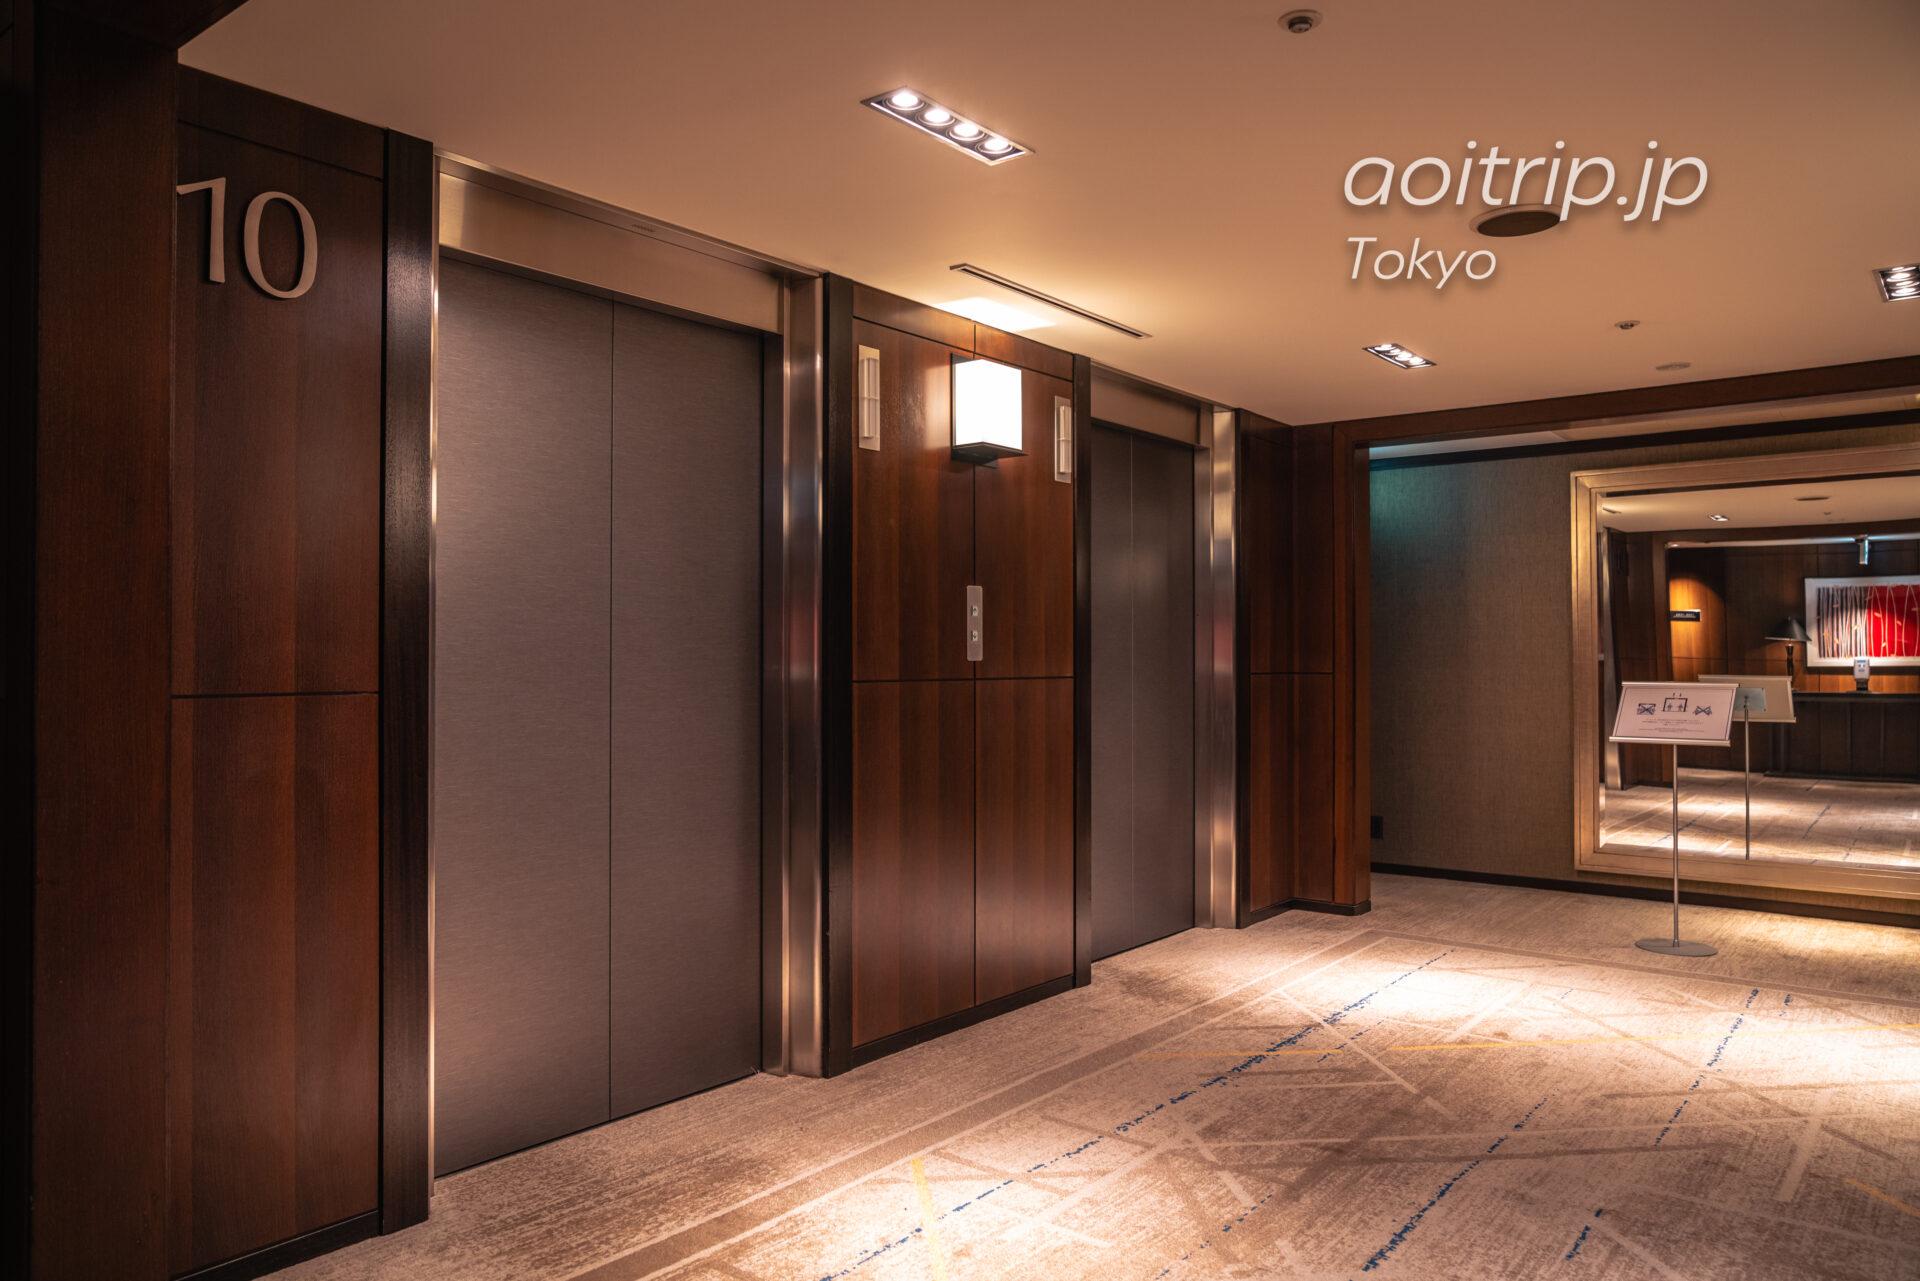 シェラトン都ホテル東京(Sheraton Miyako Hotel Tokyo)のエレベーターホール